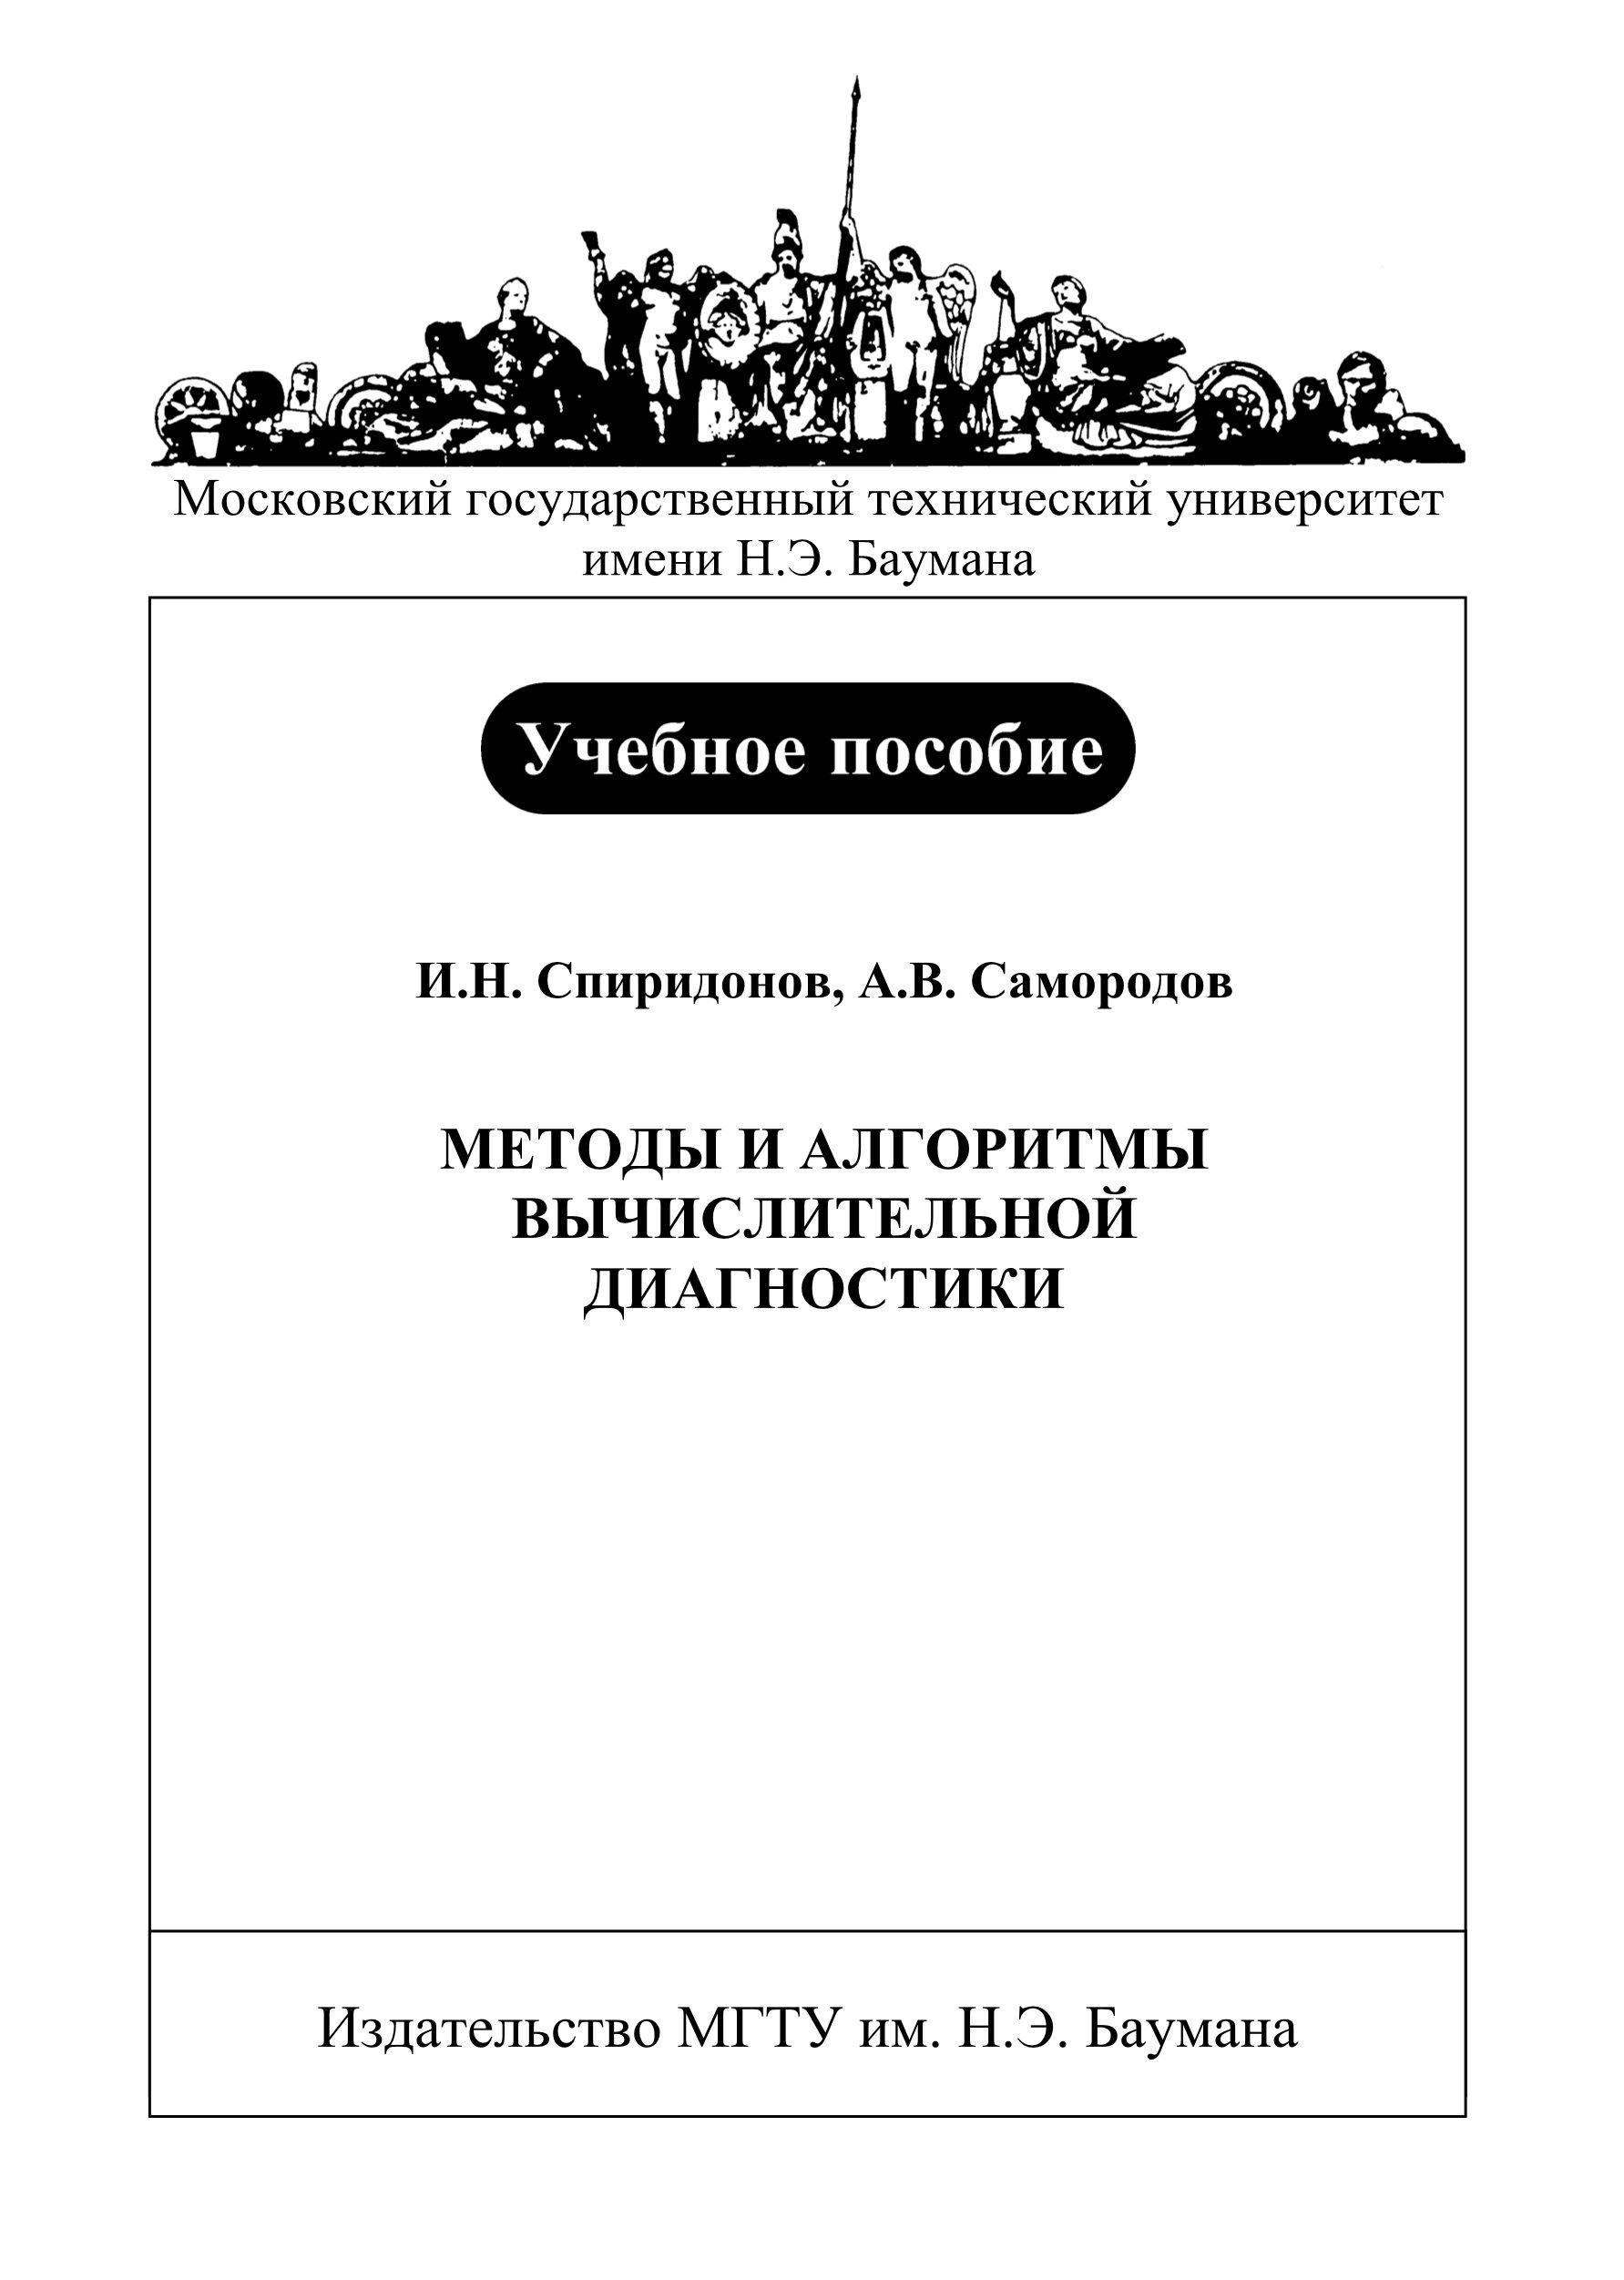 Андрей Самородов Методы и алгоритмы вычислительной диагностики